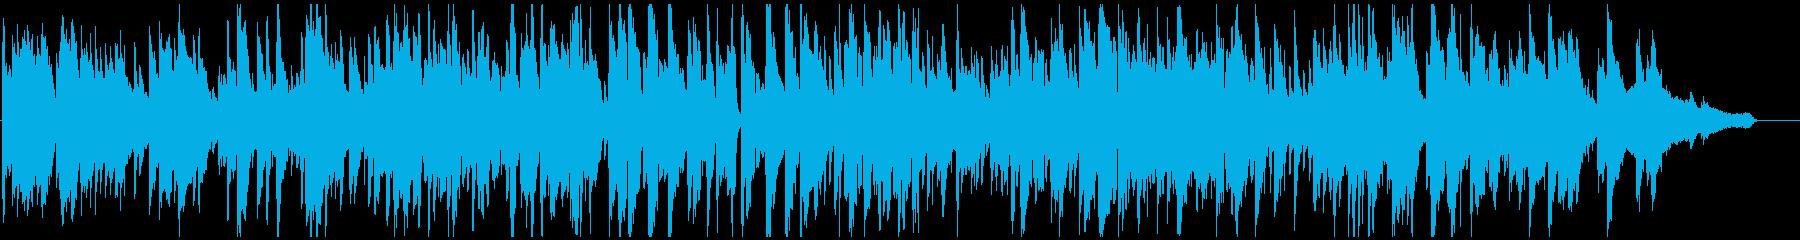 静かなボサノバ、ゆったりリラクゼーションの再生済みの波形